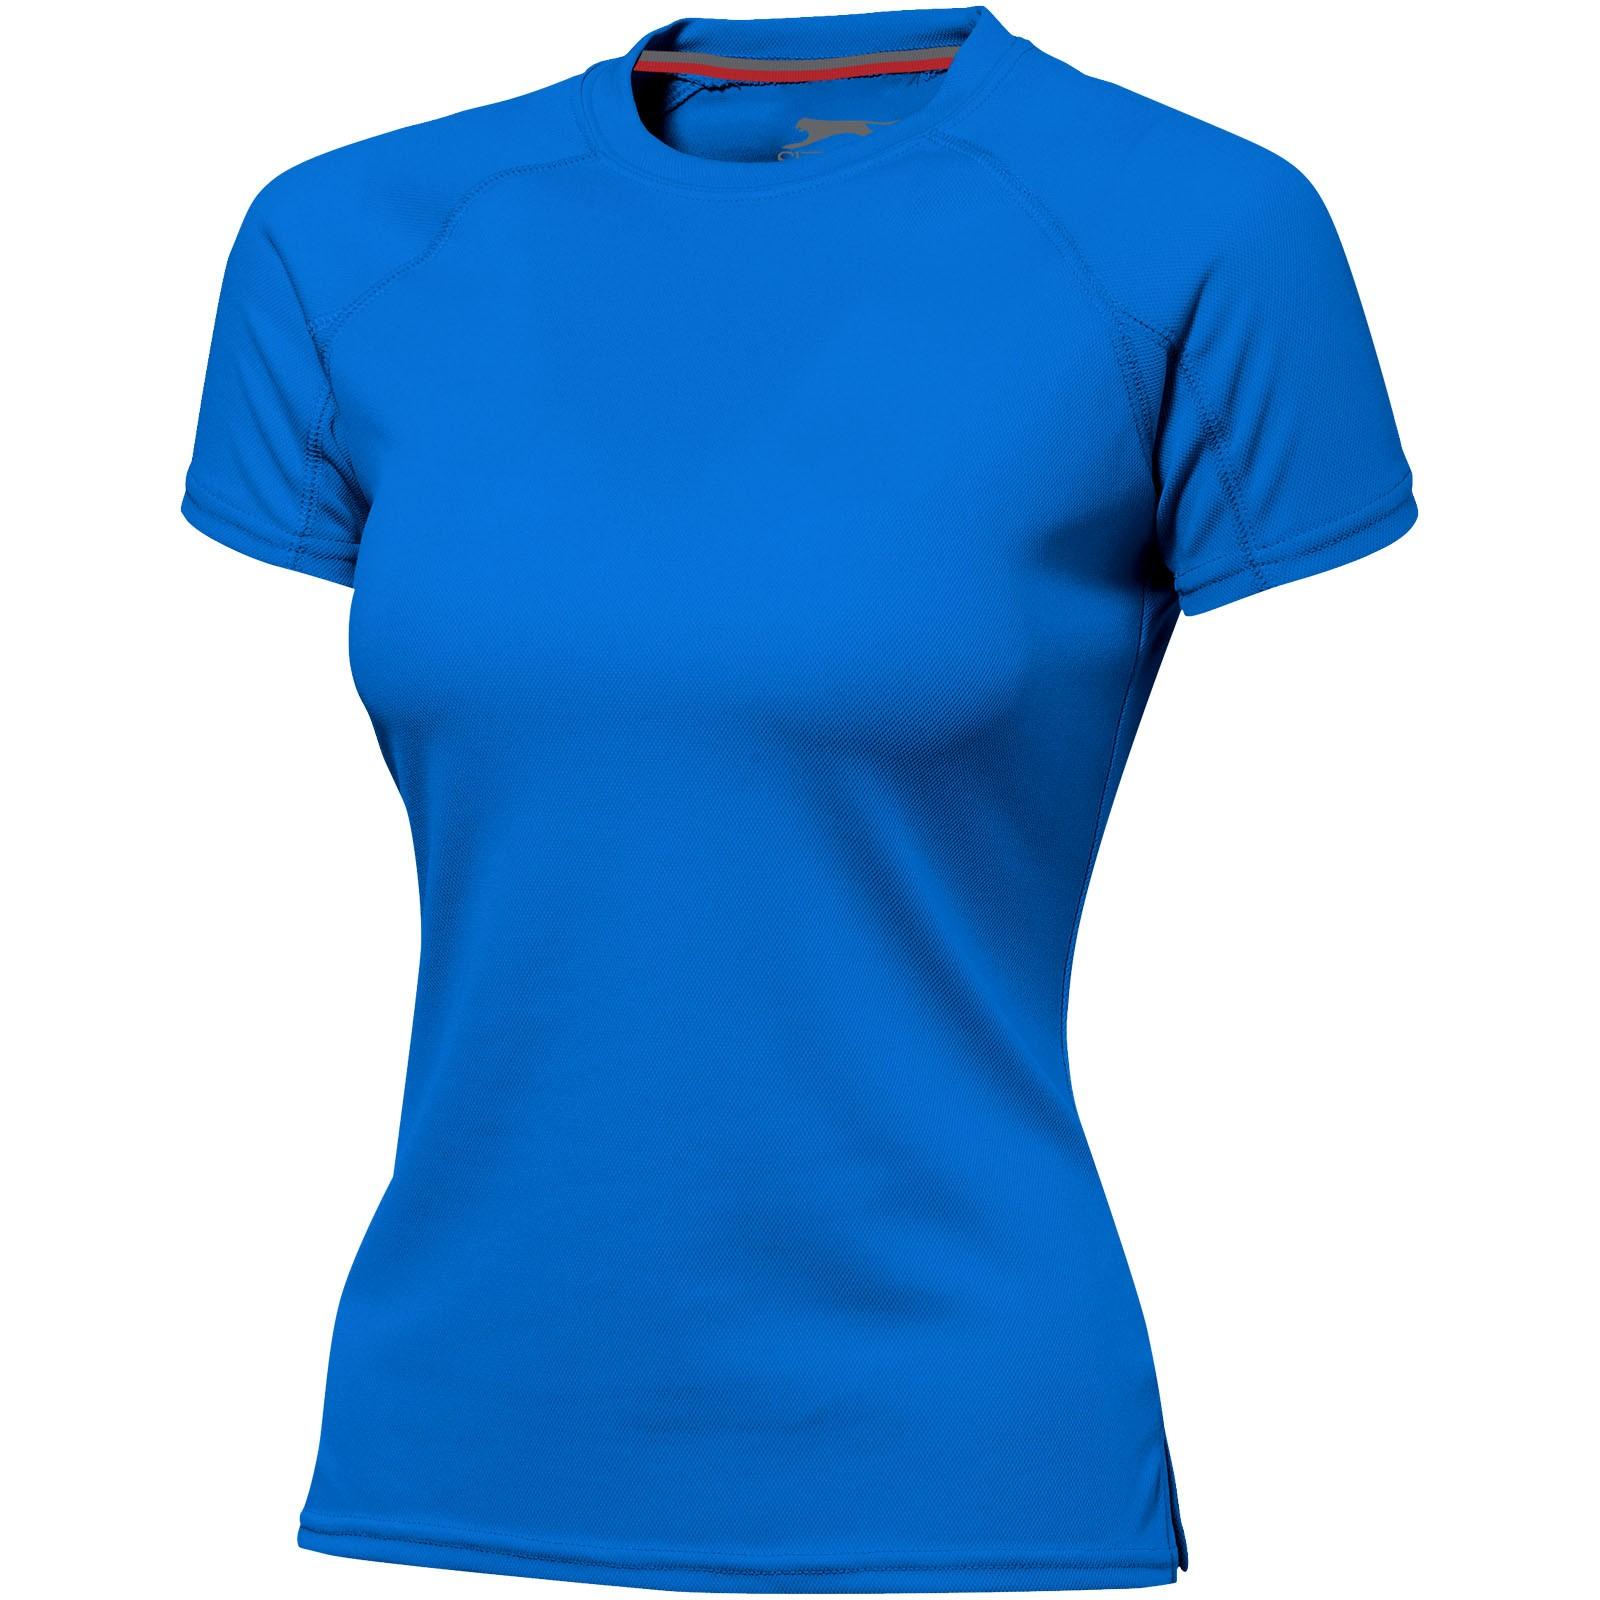 Dámské triko Serve s krátkým rukávem, s povrchovou úpravou - Sky Blue / XXL